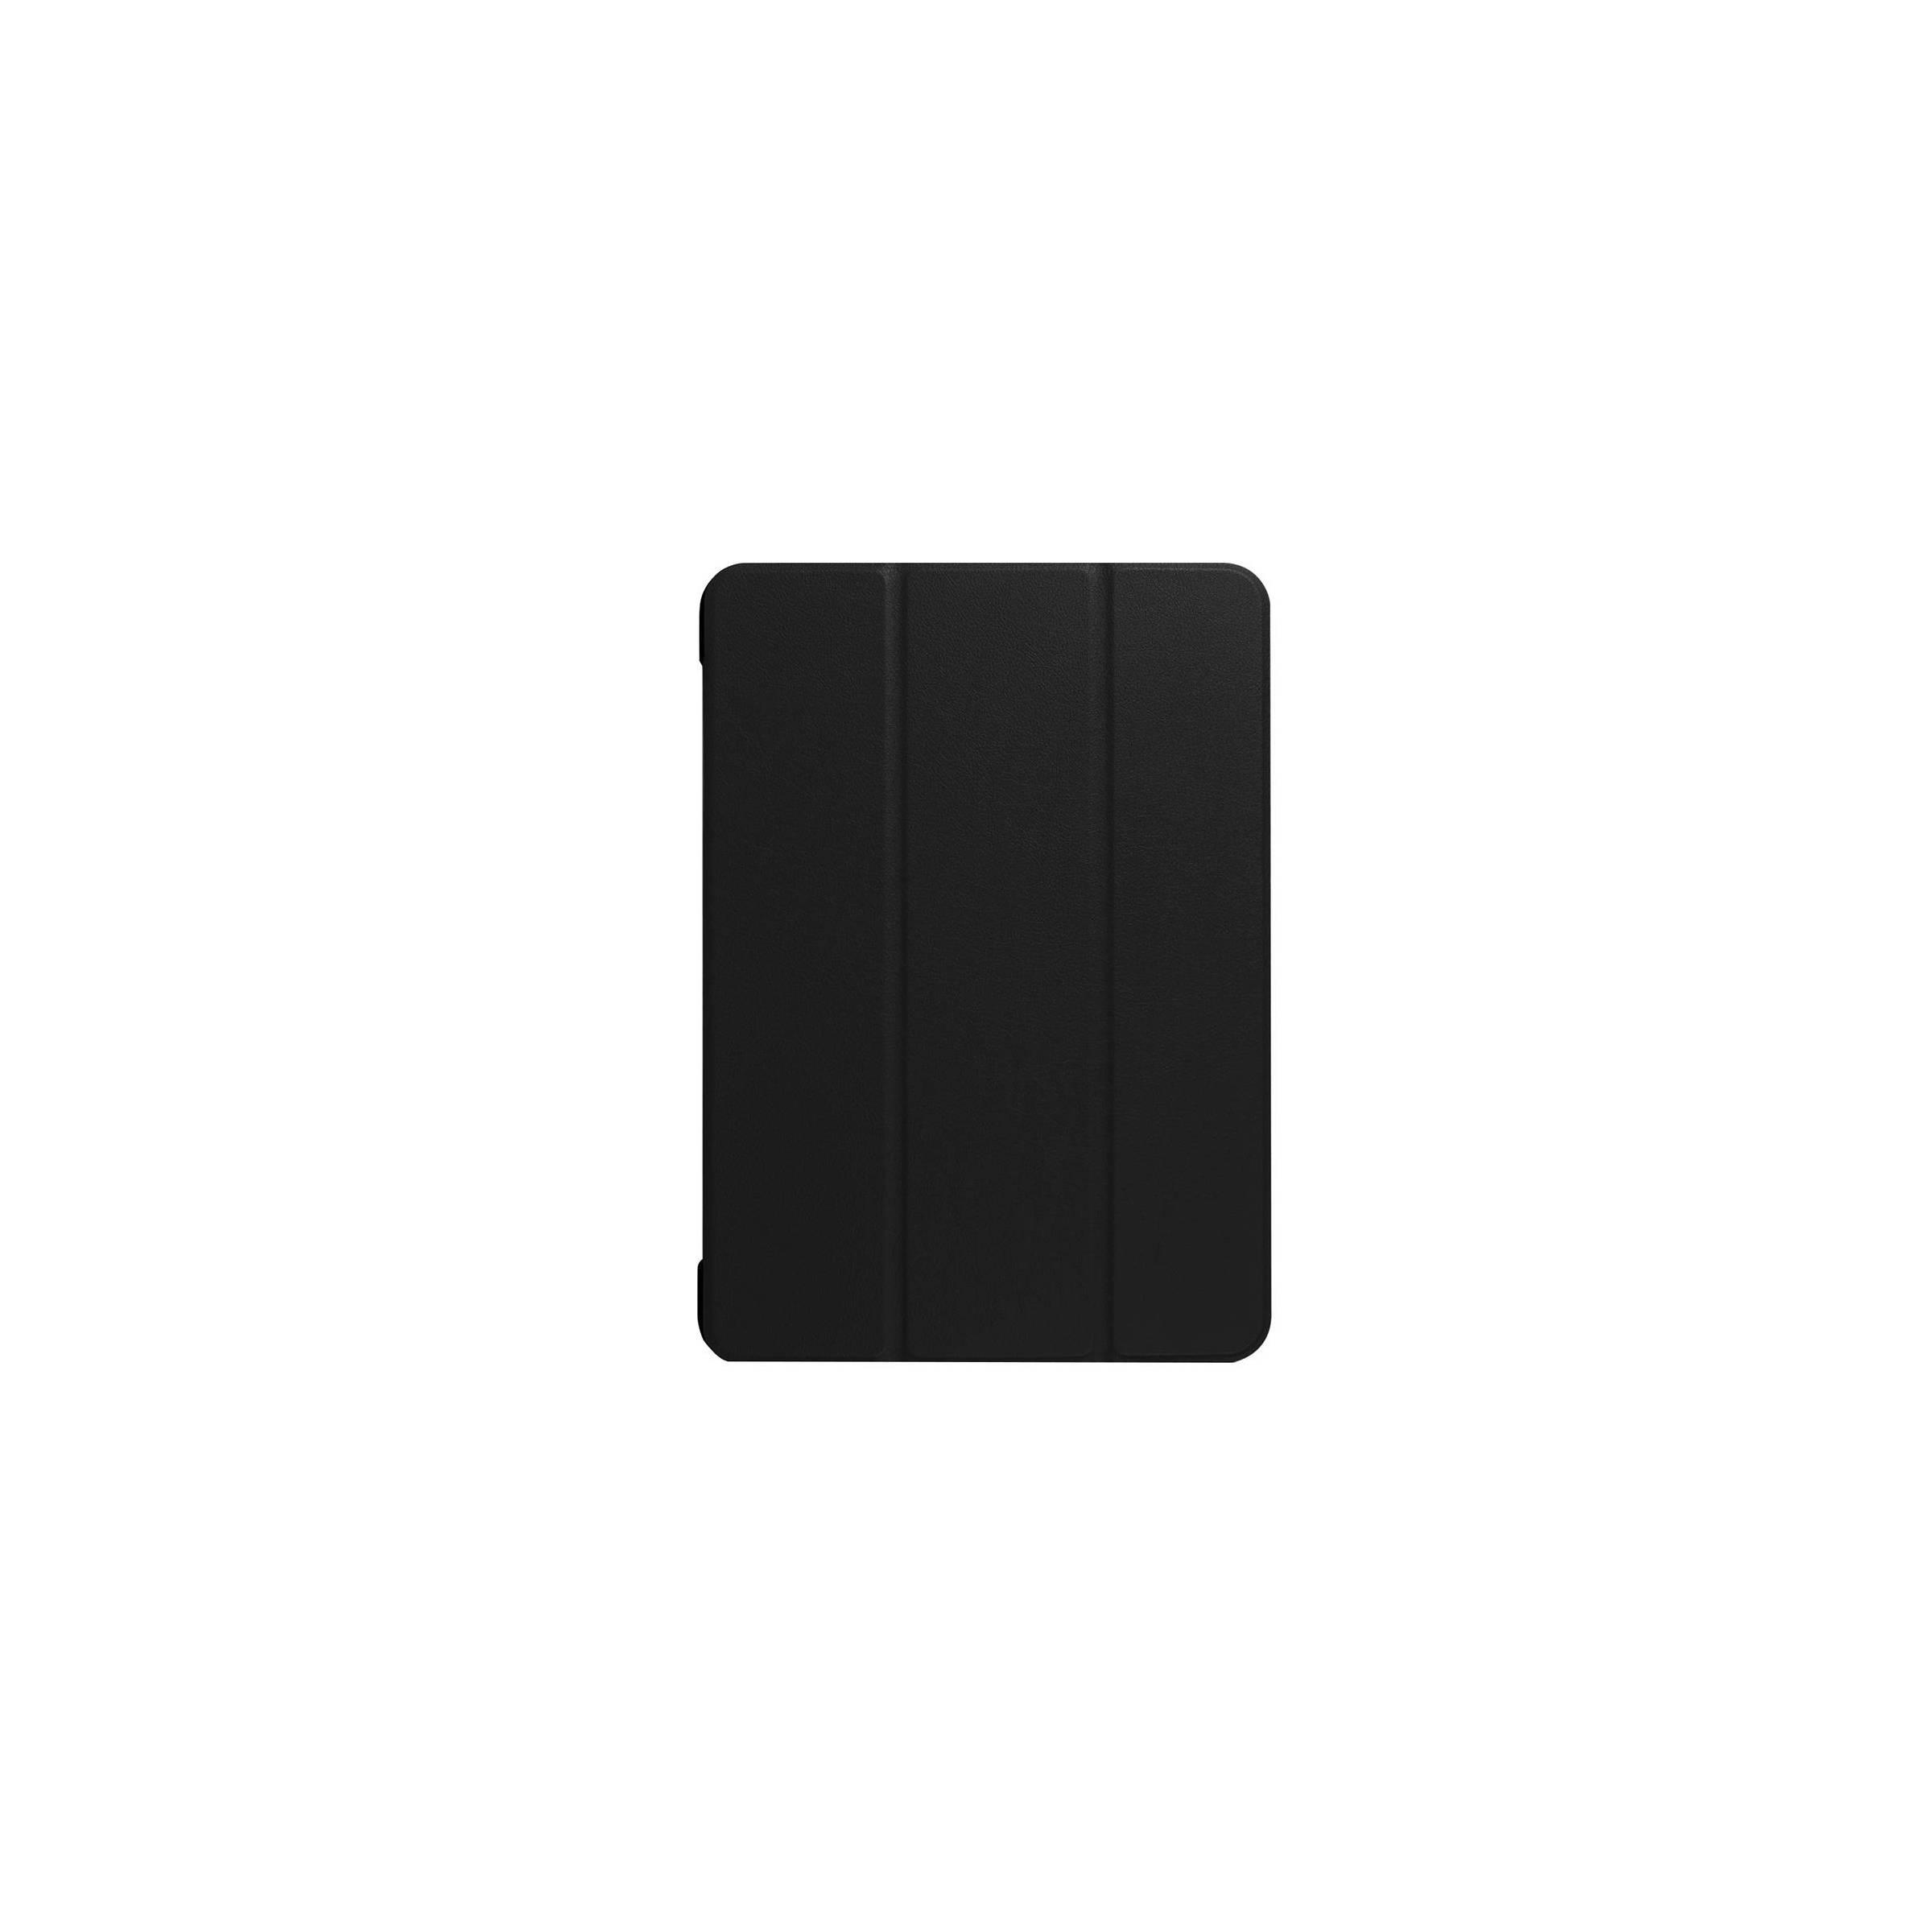 """Ipad pro 10,5""""/air 3 cover med bagside og smartcover farve sort fra kina oem på mackabler.dk"""